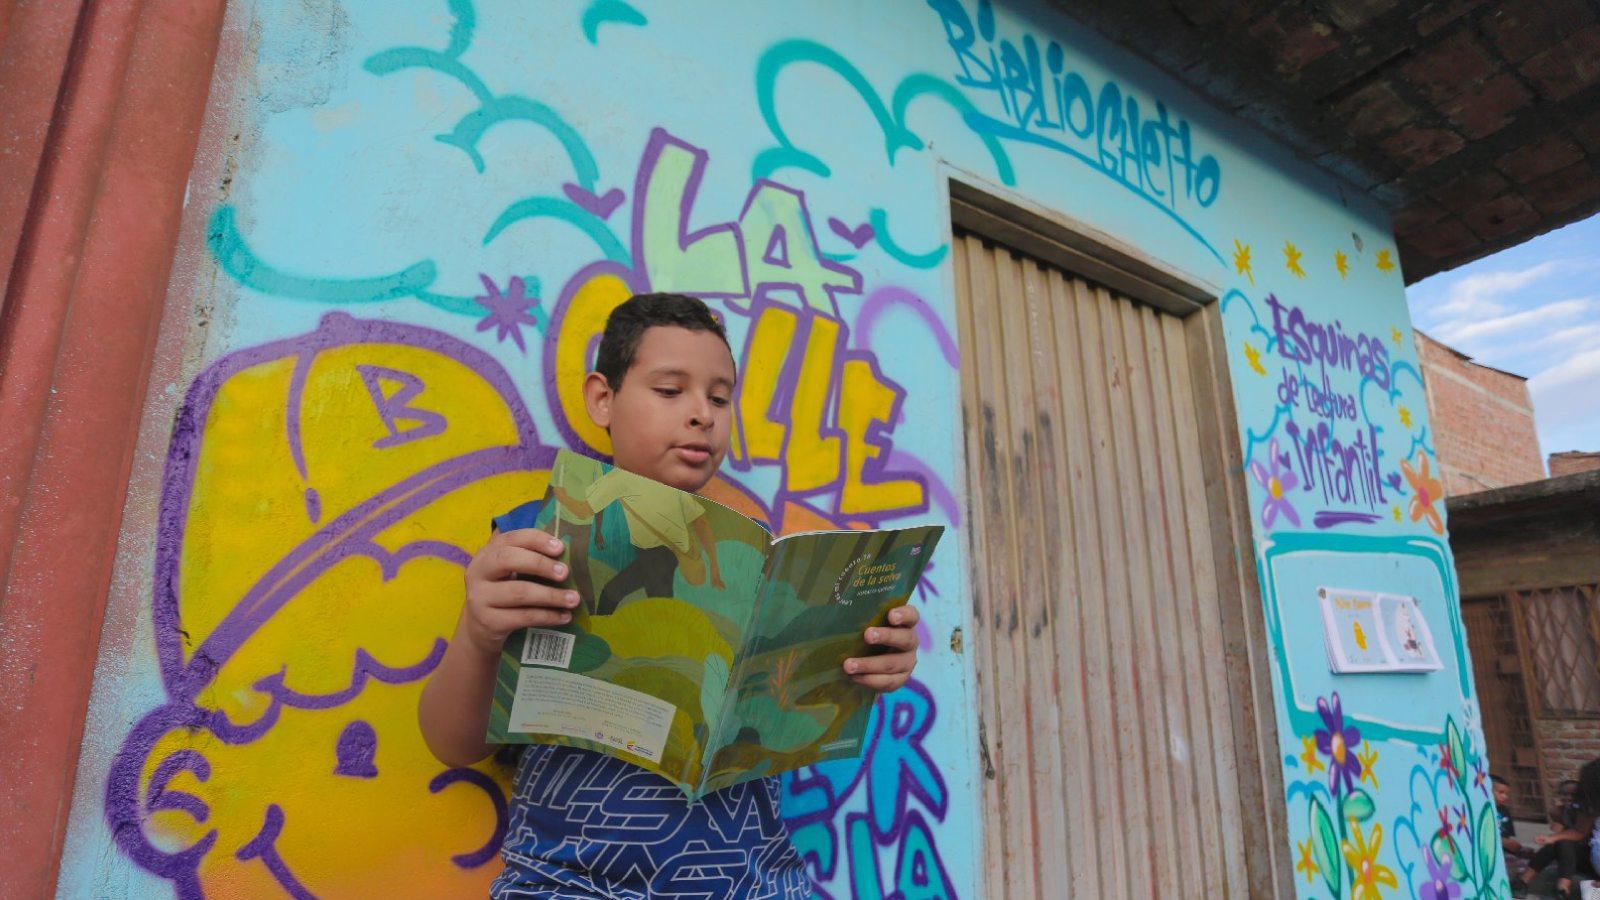 historias/colombia/biblioghetto-la-prueba-de-que-los-libros-les-pueden-ganar-a-las-balas